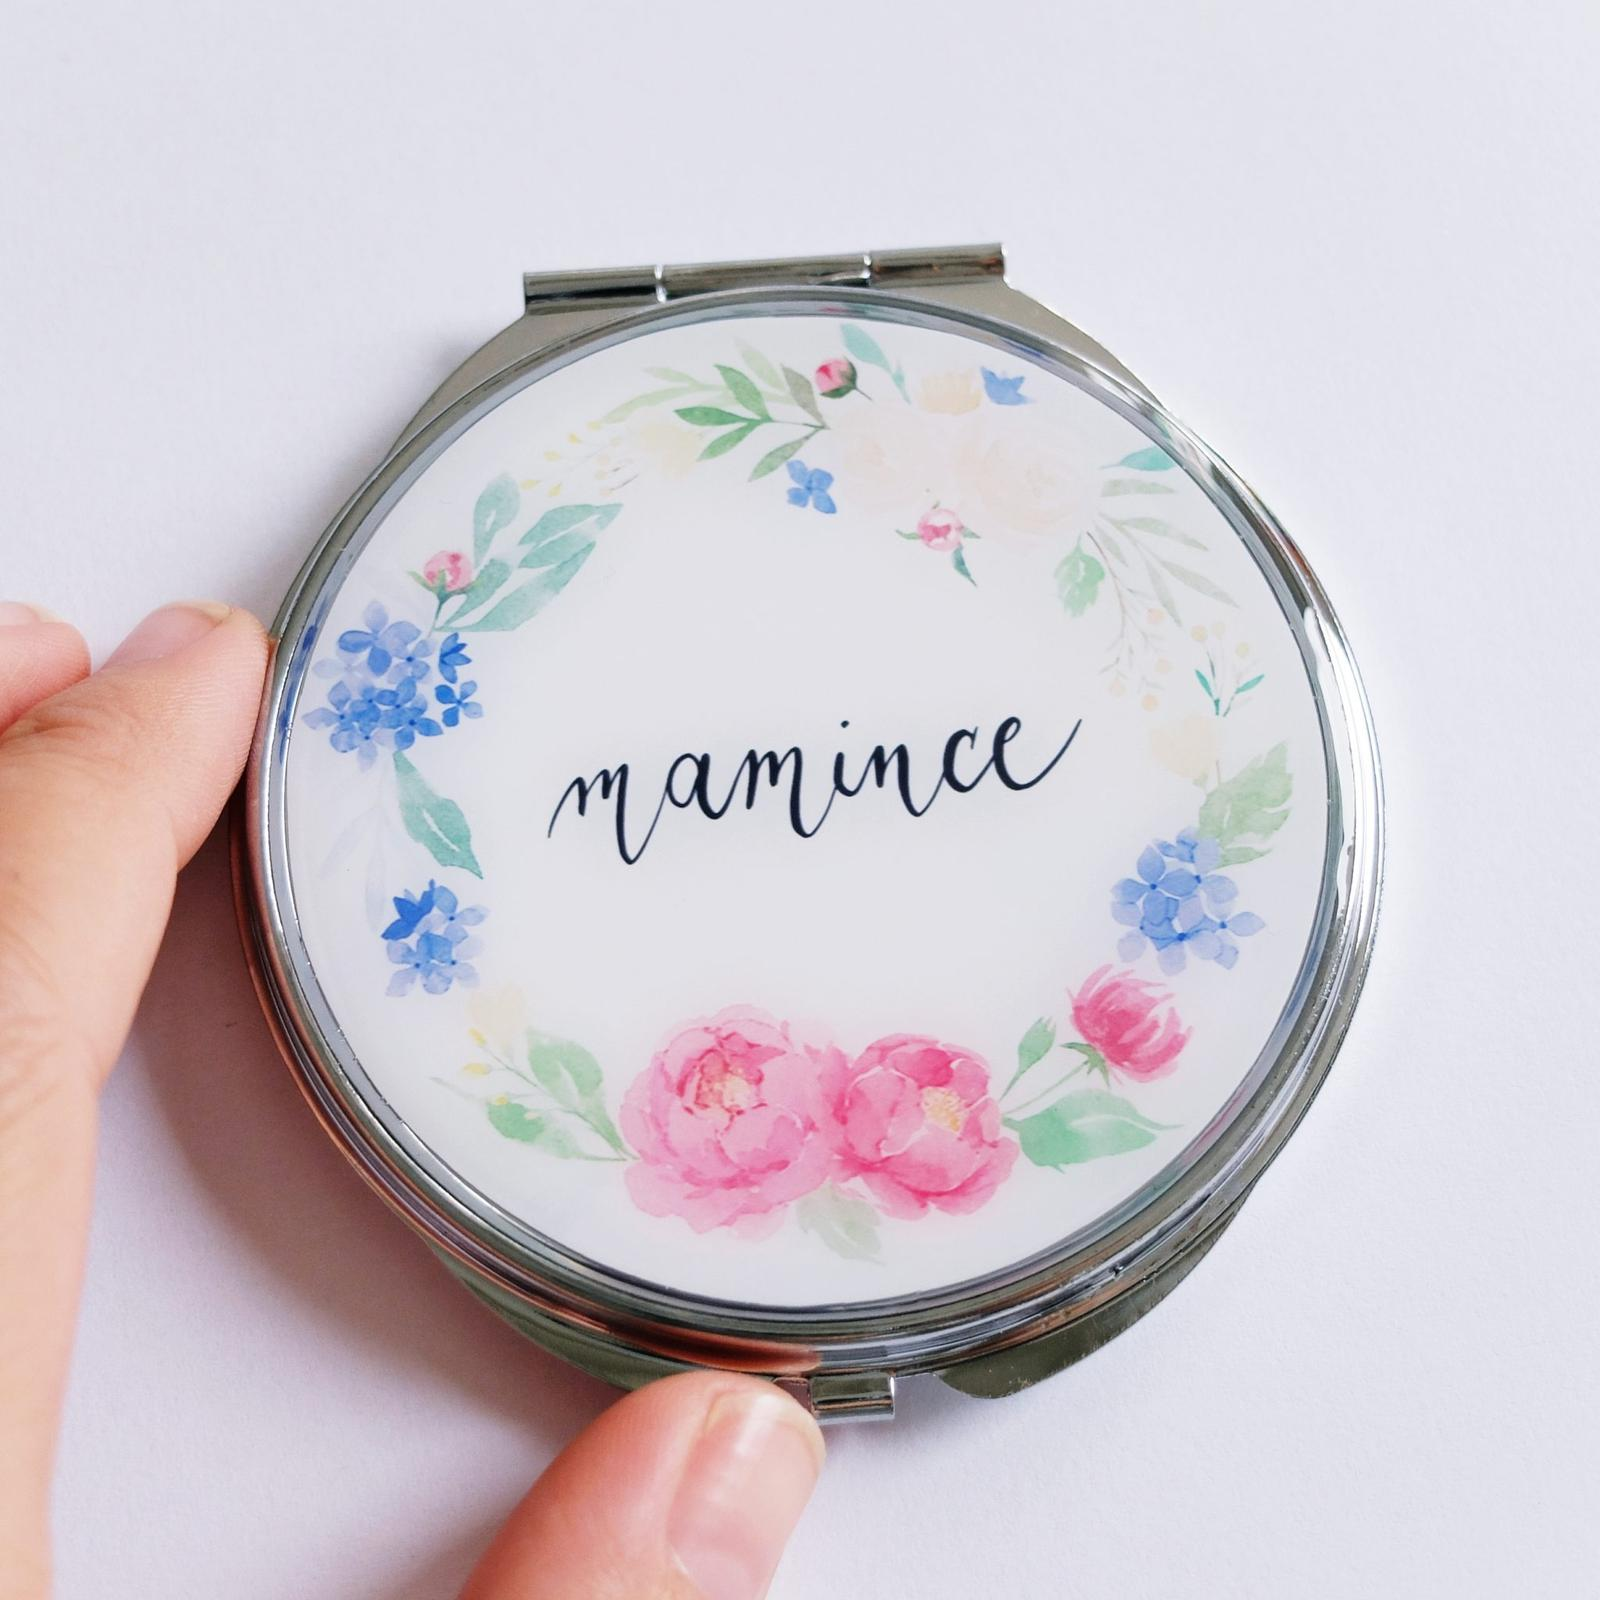 Svatební kolekce 2019 - Dárky na svatbu podle Vašeho přání si objednávejte na eshopu >> https://designempathy.cz/